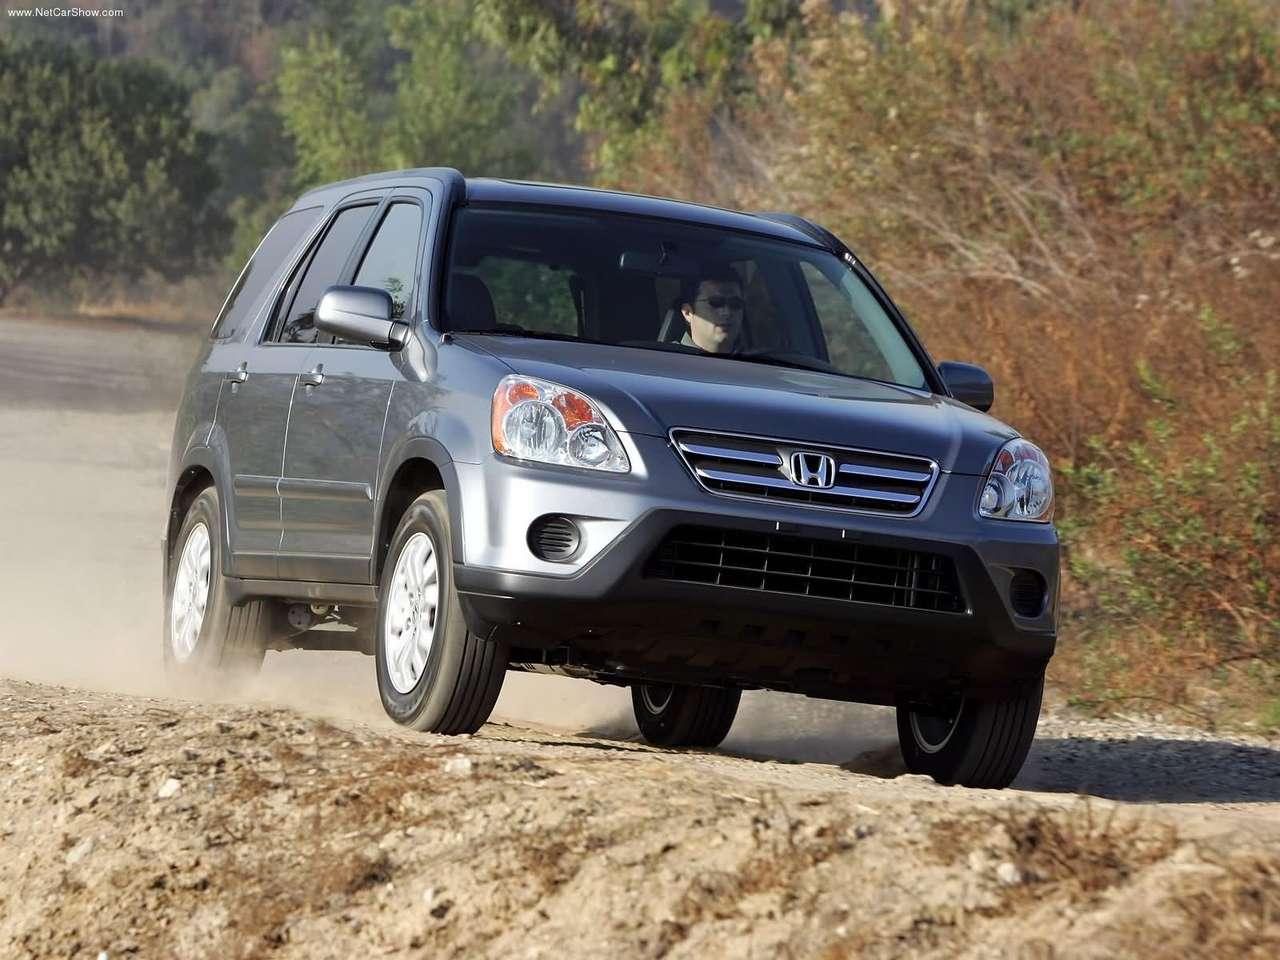 Honda CR-V, Honda, CR-V, the power of dreams, 4x4, motoring, automotive, car, family car, cheap car, bargain car, Japanese car, ebay, ebay motors, autotrader, cars, car